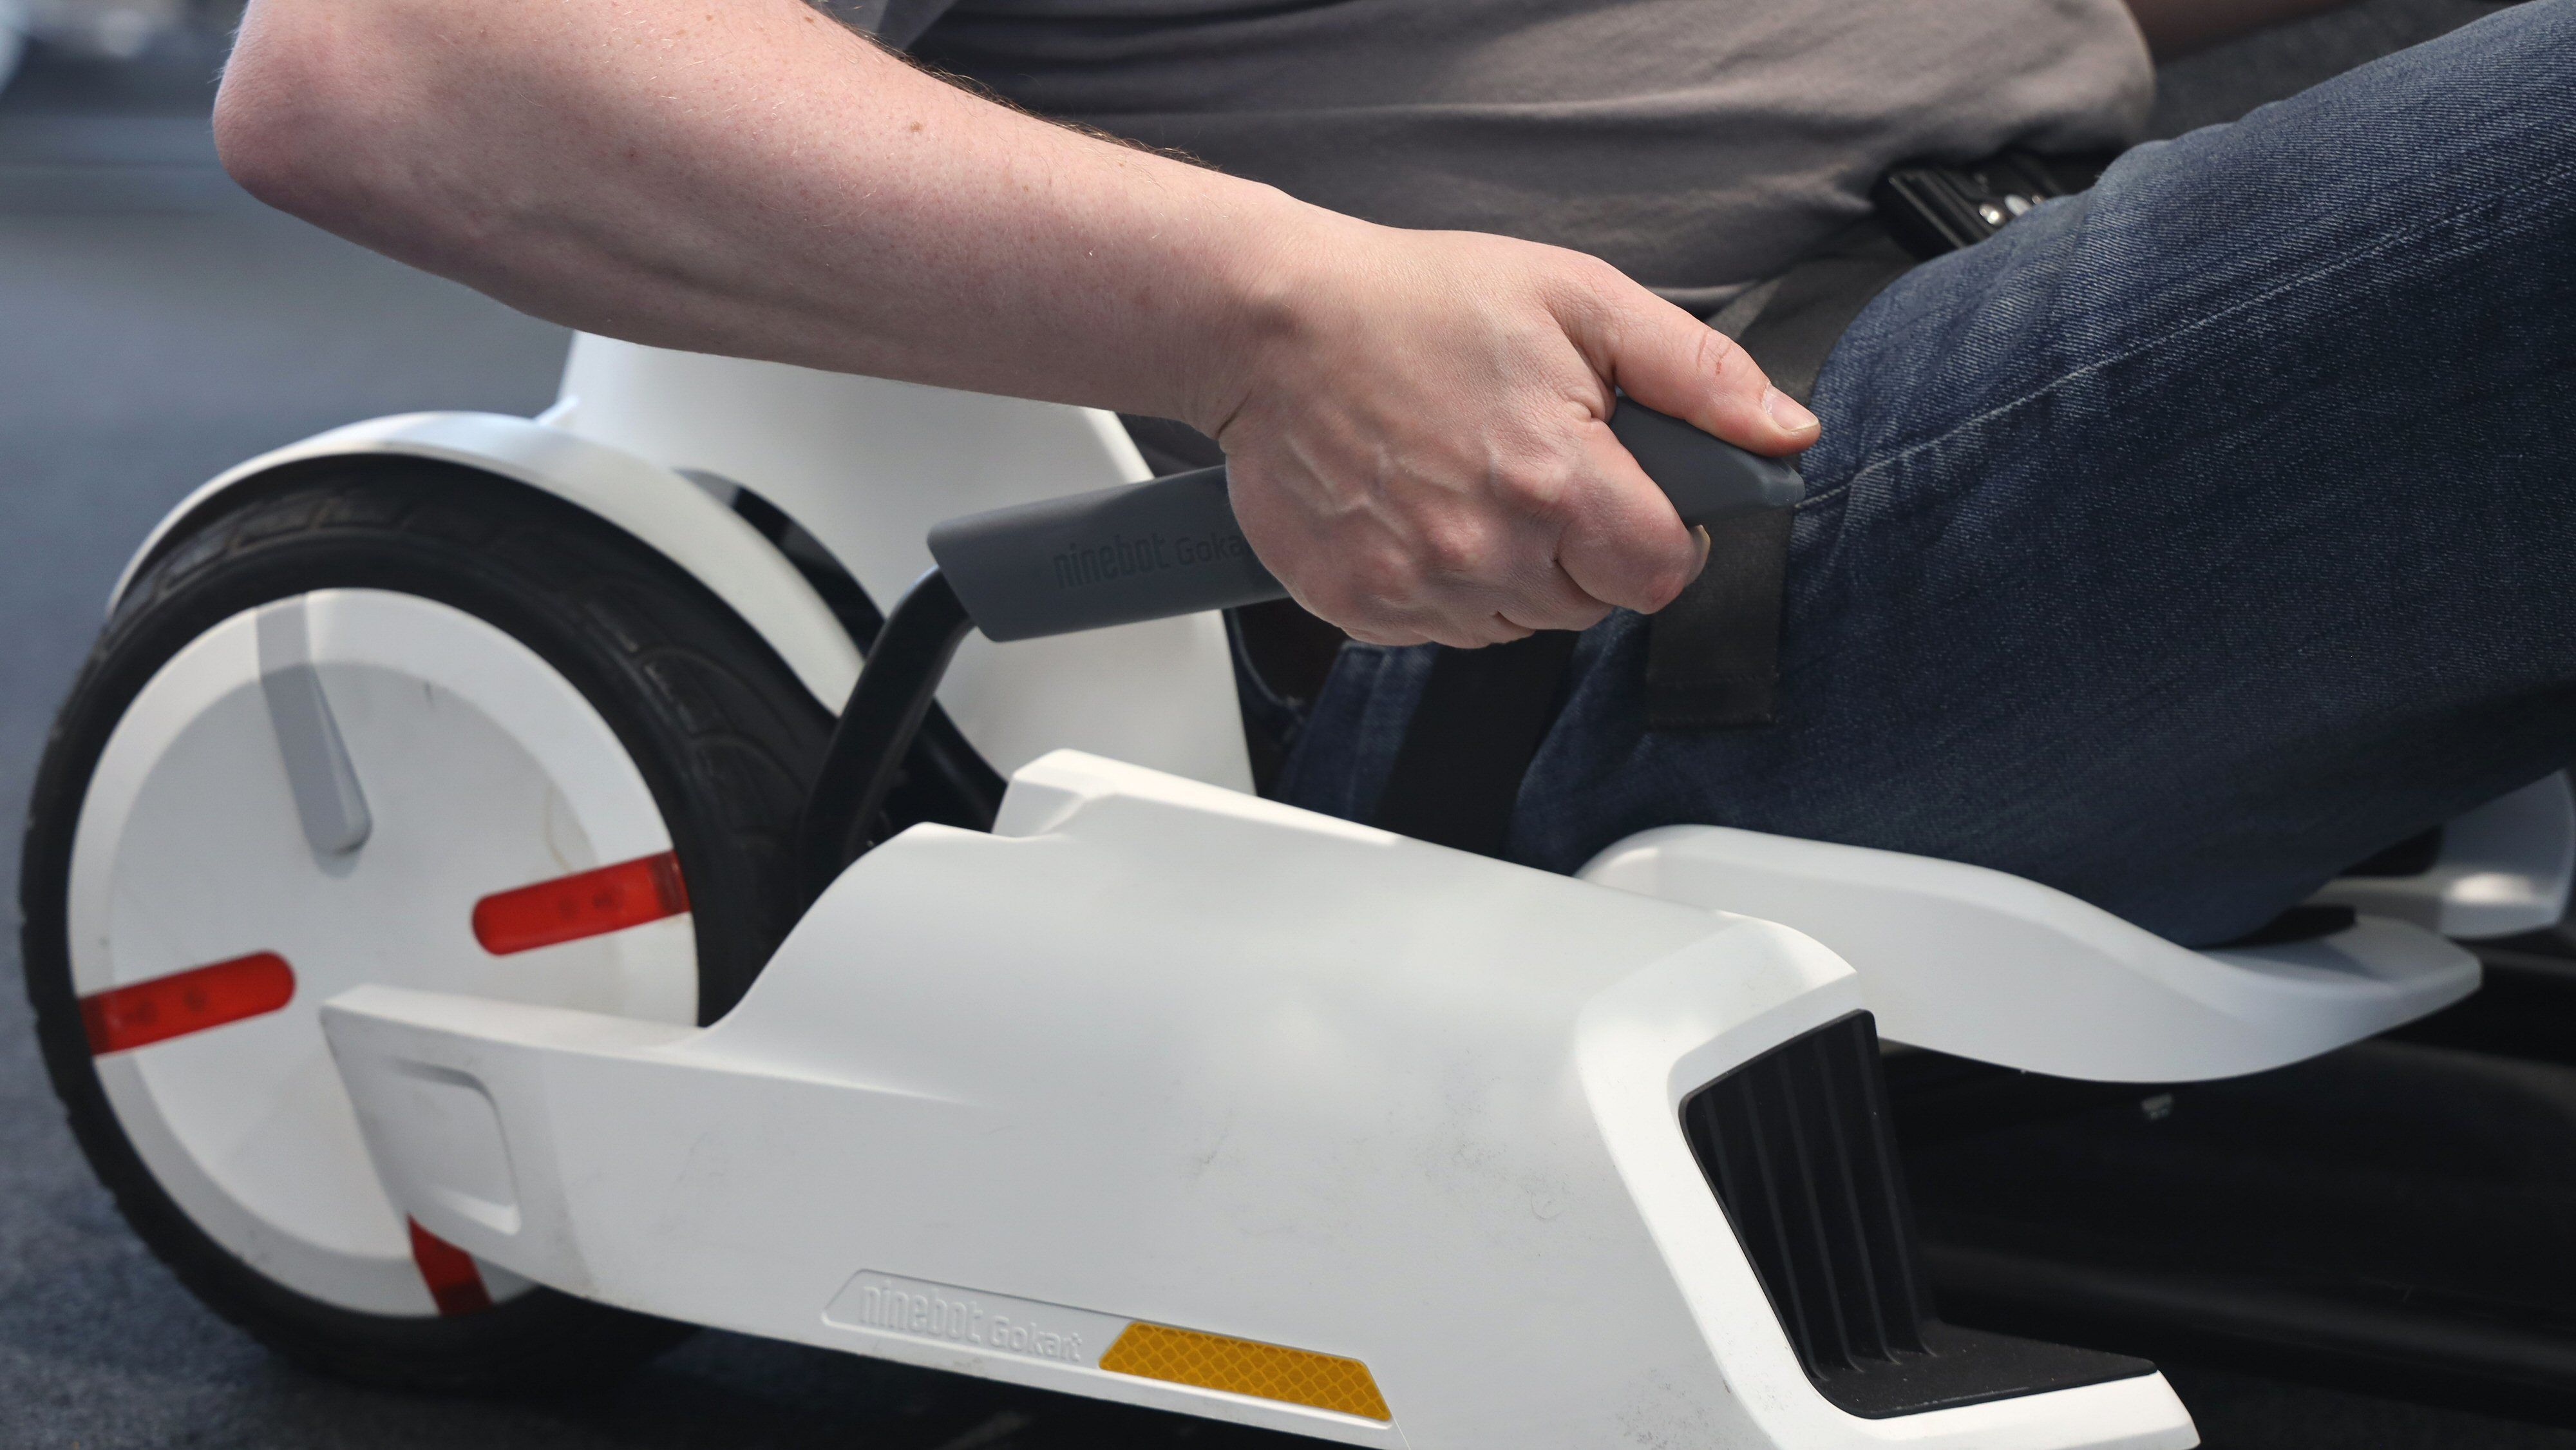 Håndbremsen sitter på høyre side og skubber mot begge hjulene.